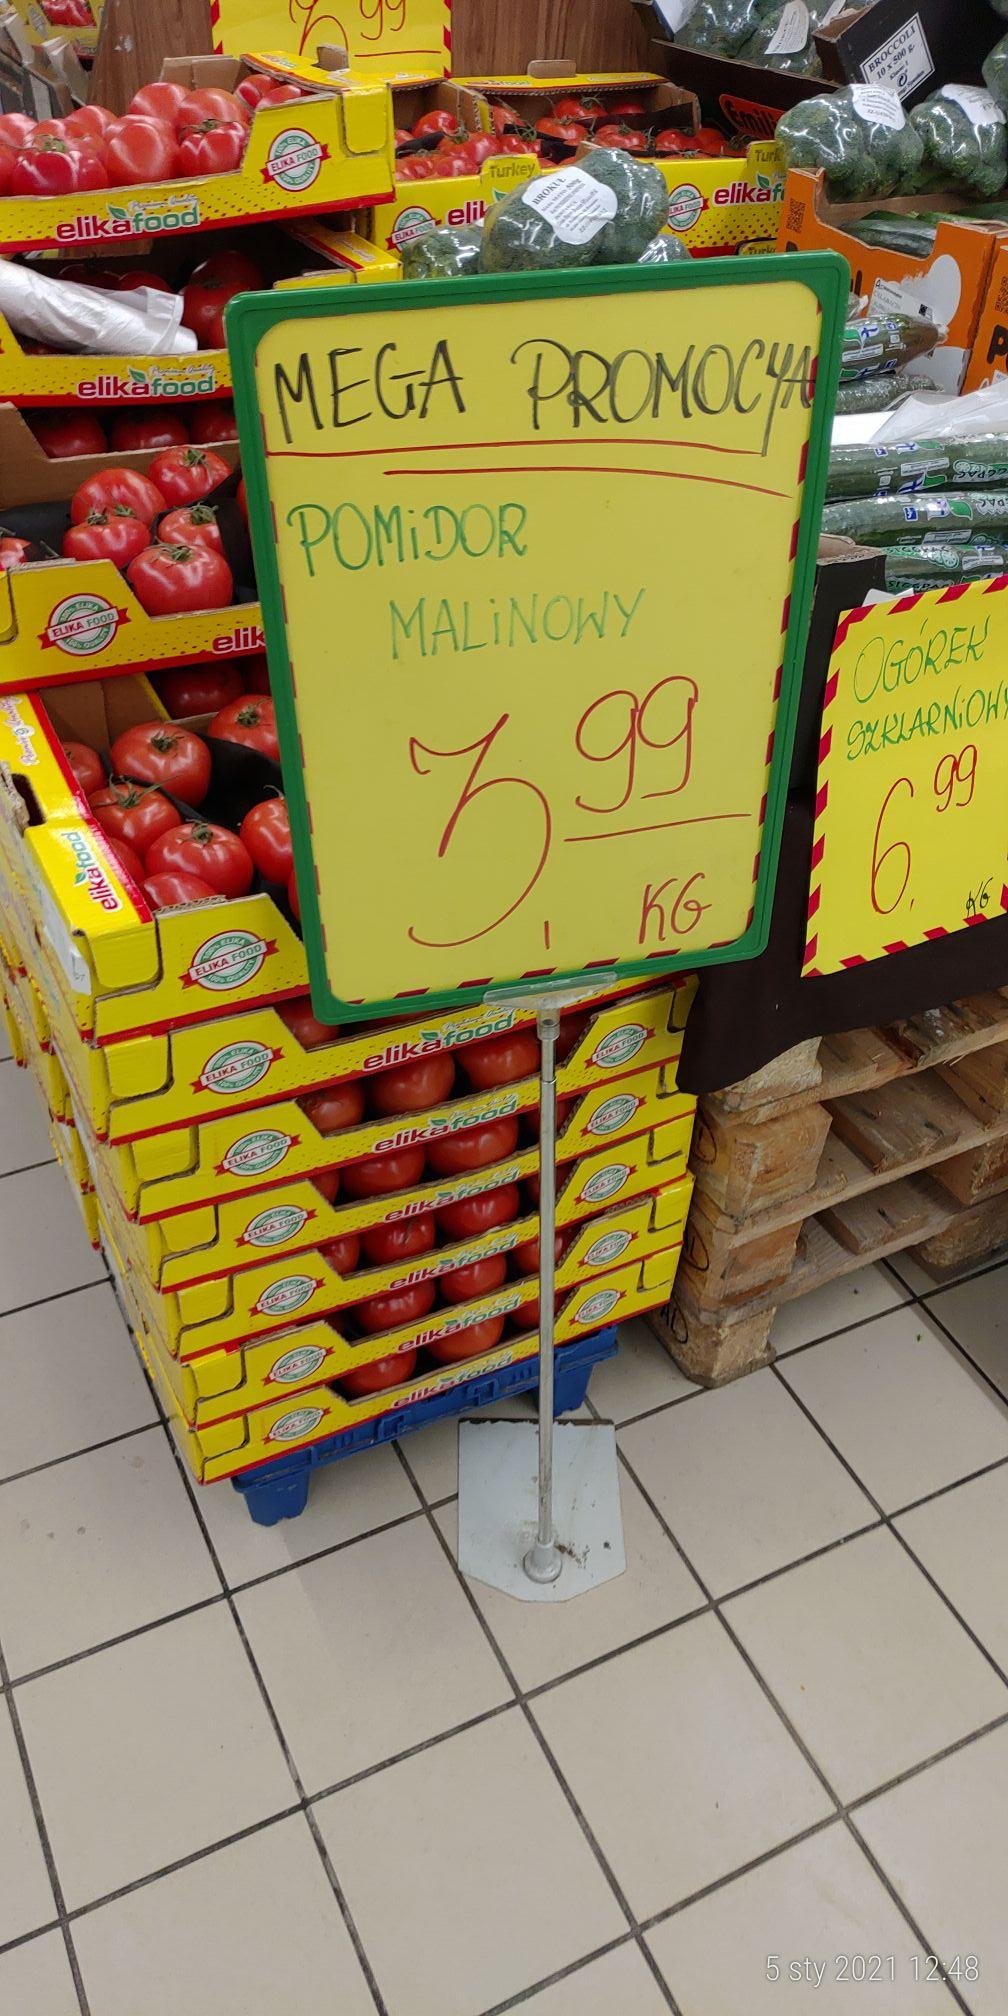 Pomidor malinowy, cytryna i inne